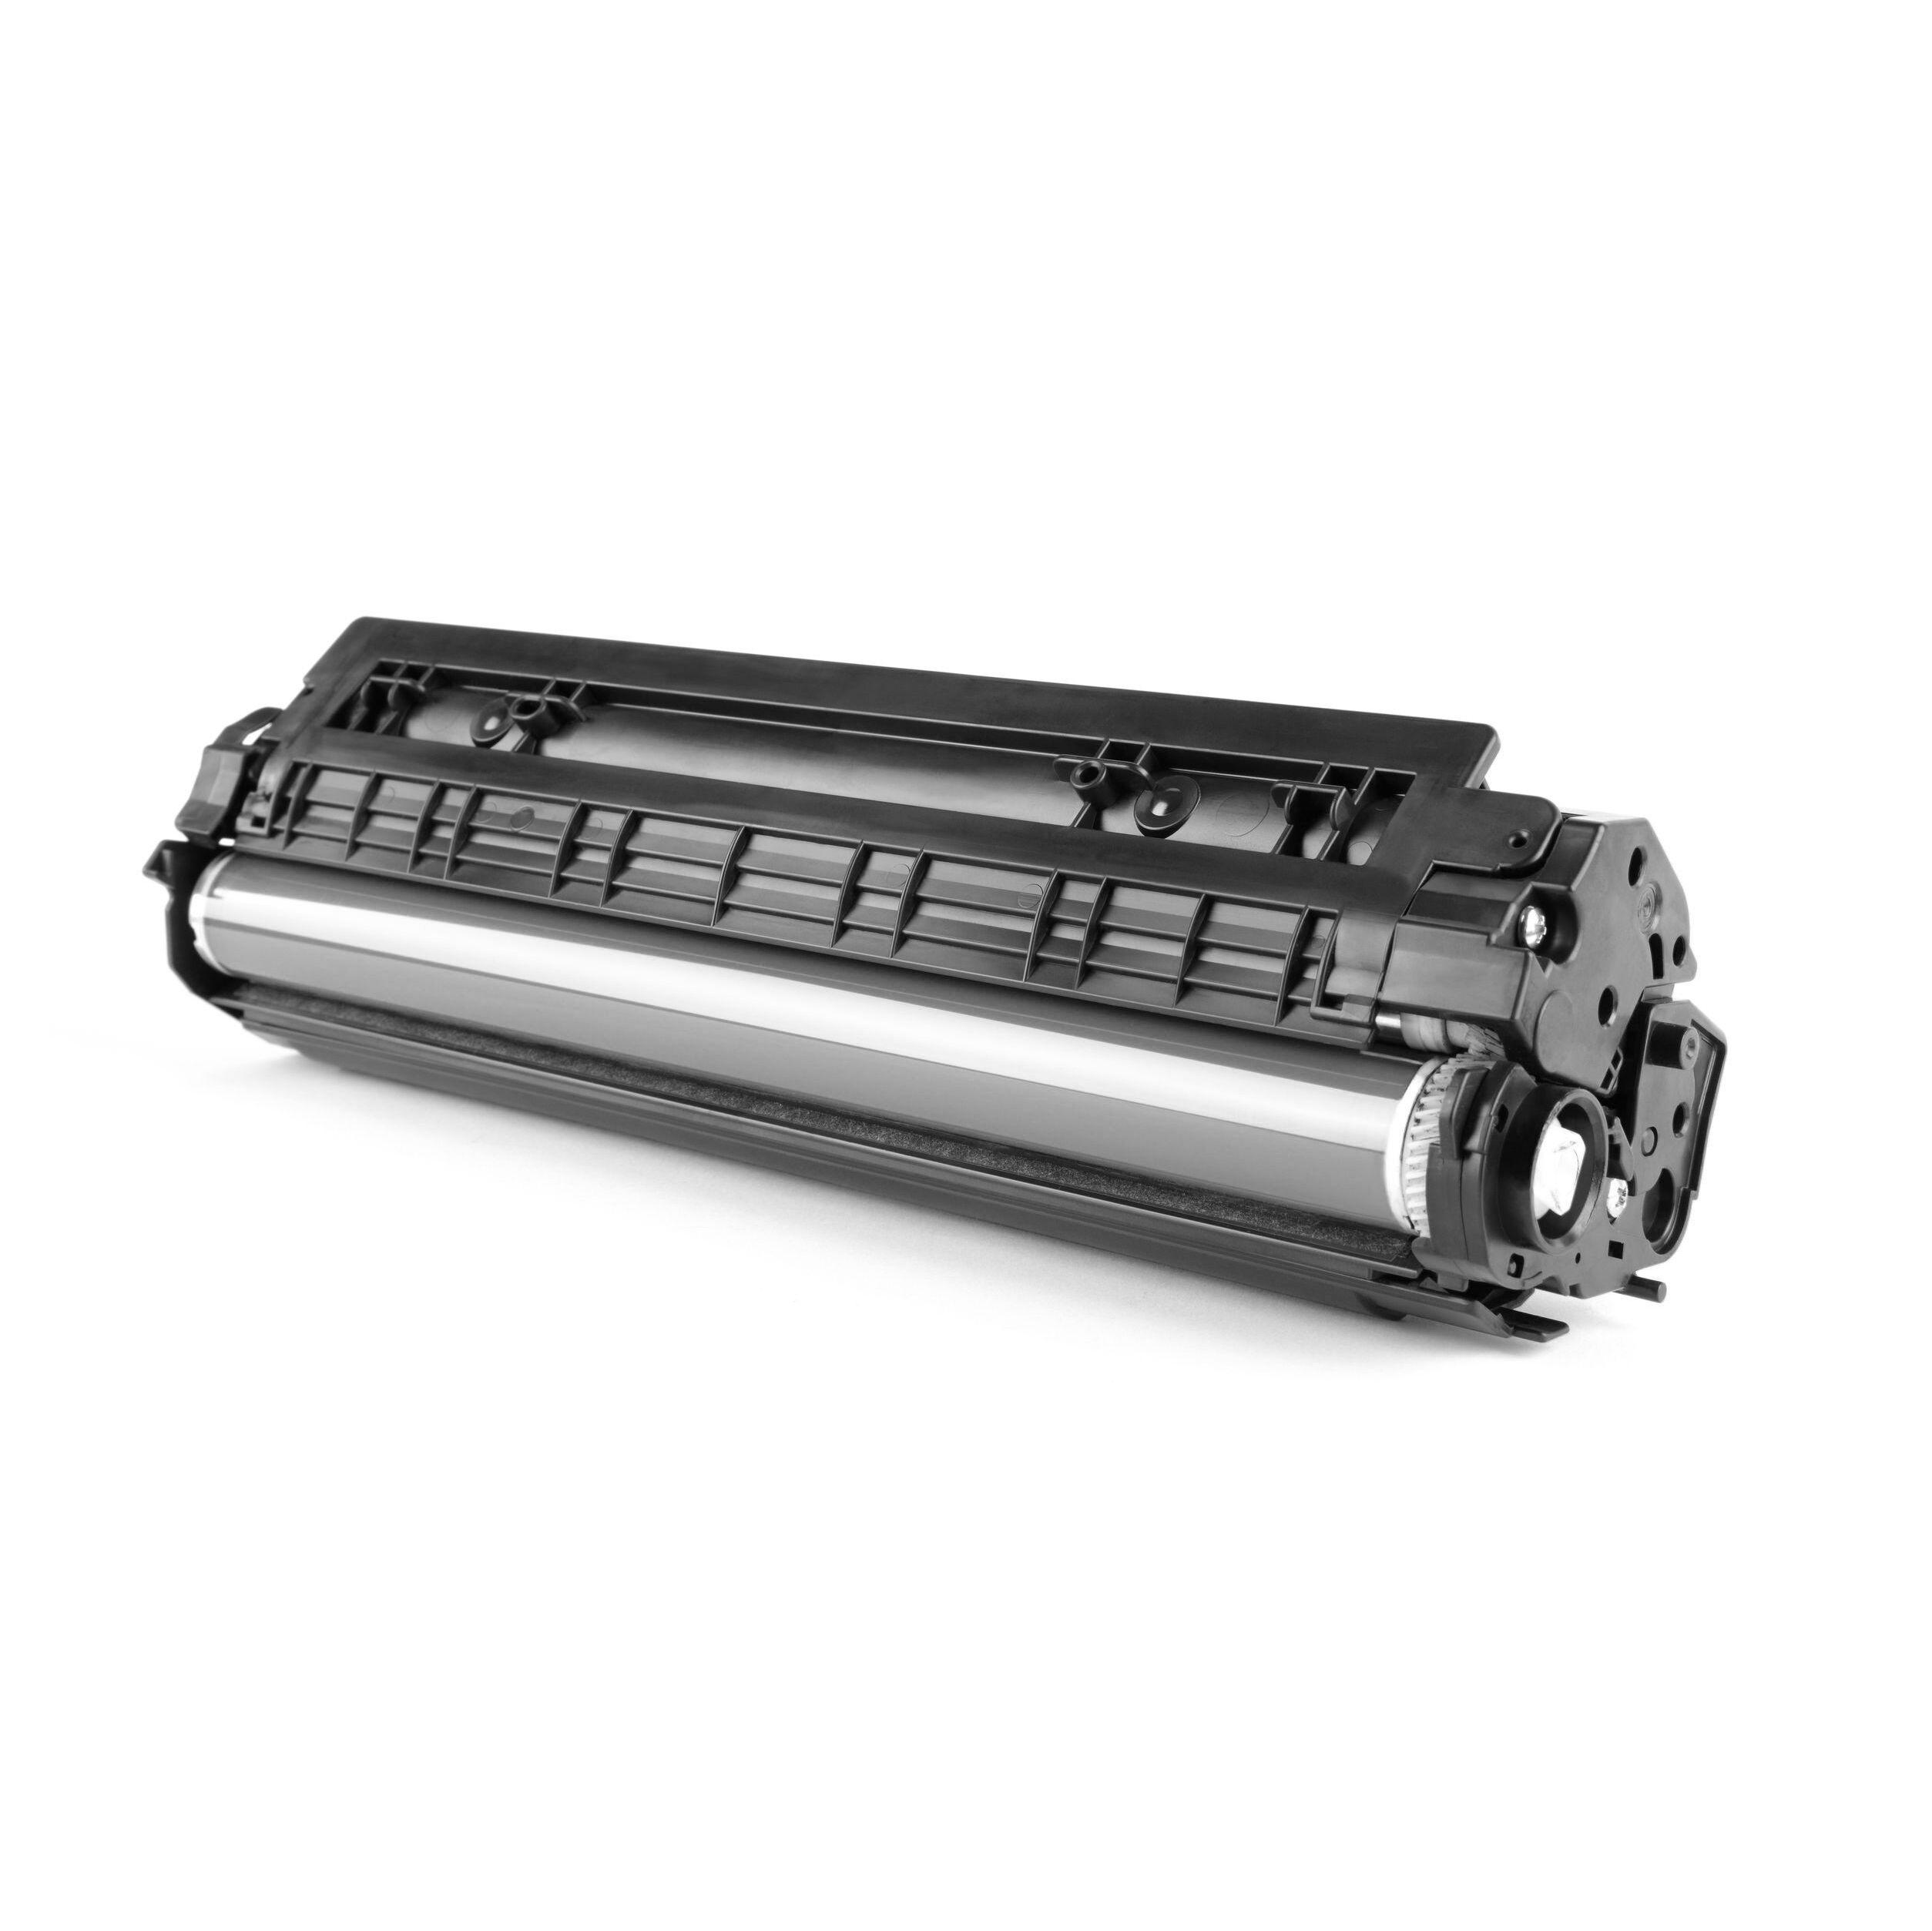 Brother HSE-231 Druckerzubehör schwarz white original - passend für Brother P-Touch H 500 Series